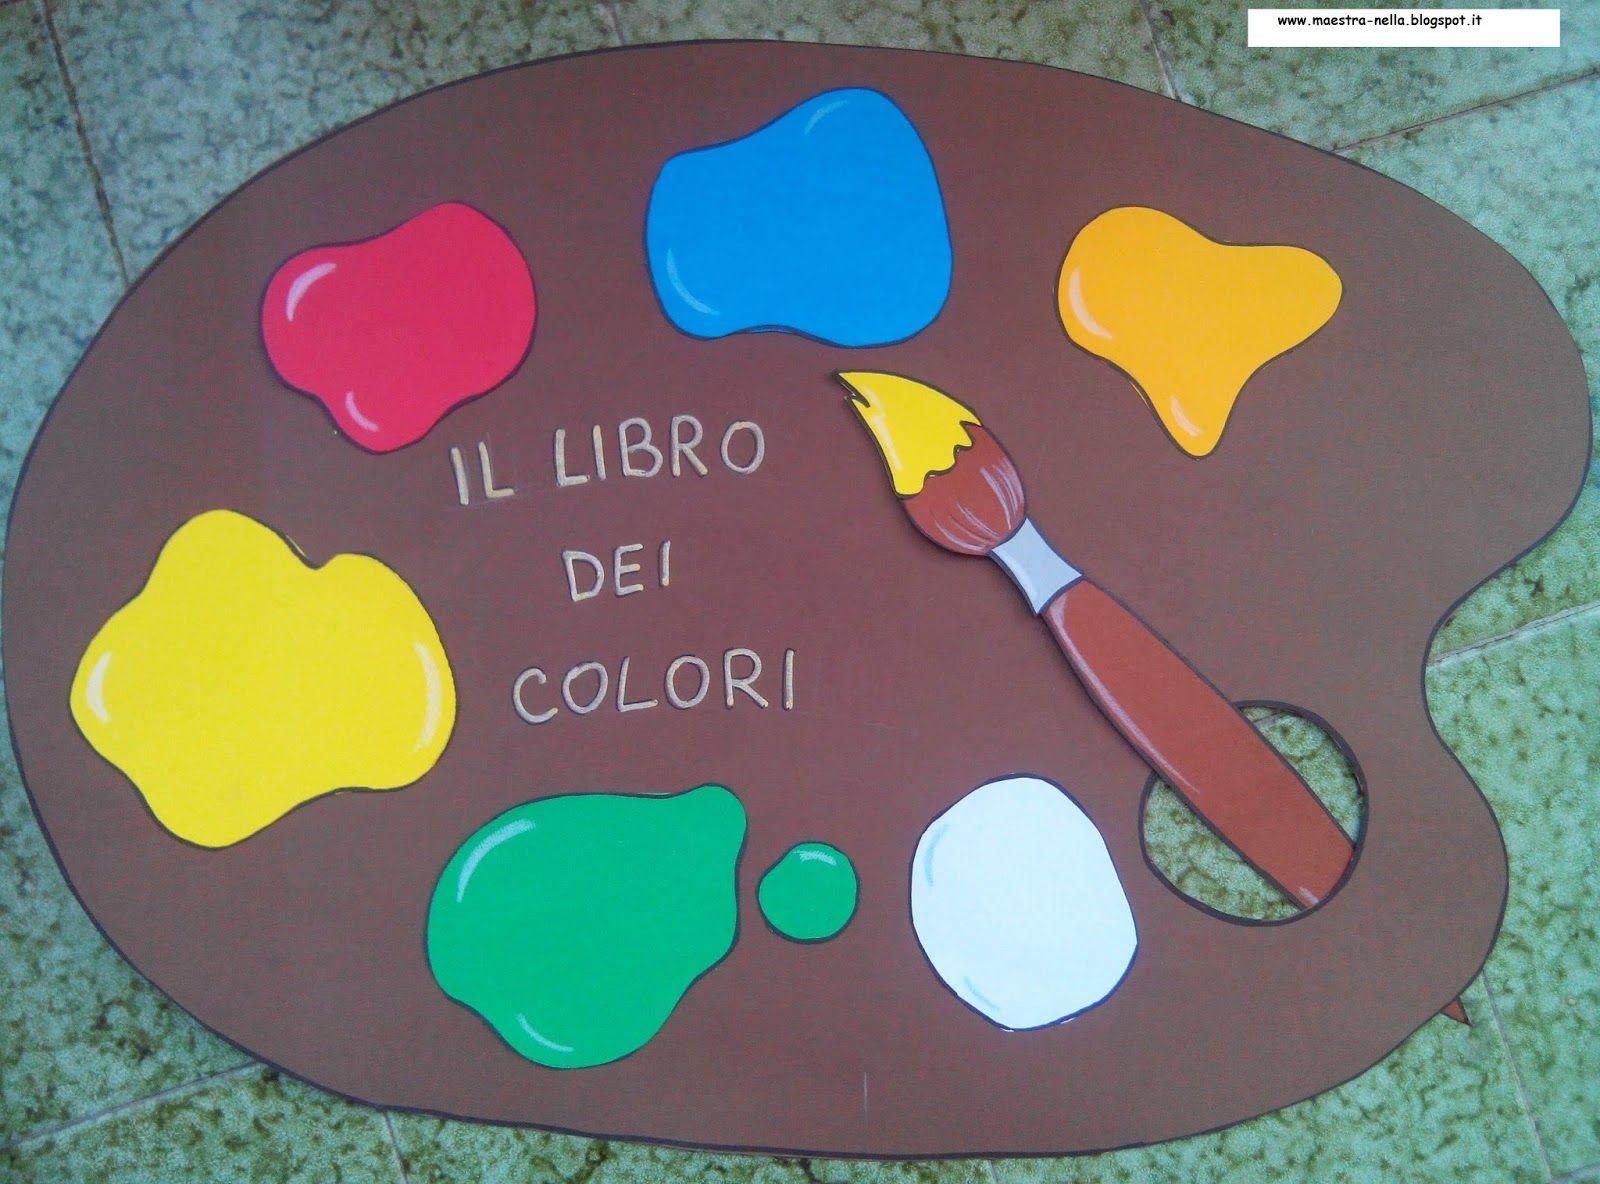 Maestra nella il libro dei colori idee per la scuola for Idee per l accoglienza nella scuola dell infanzia